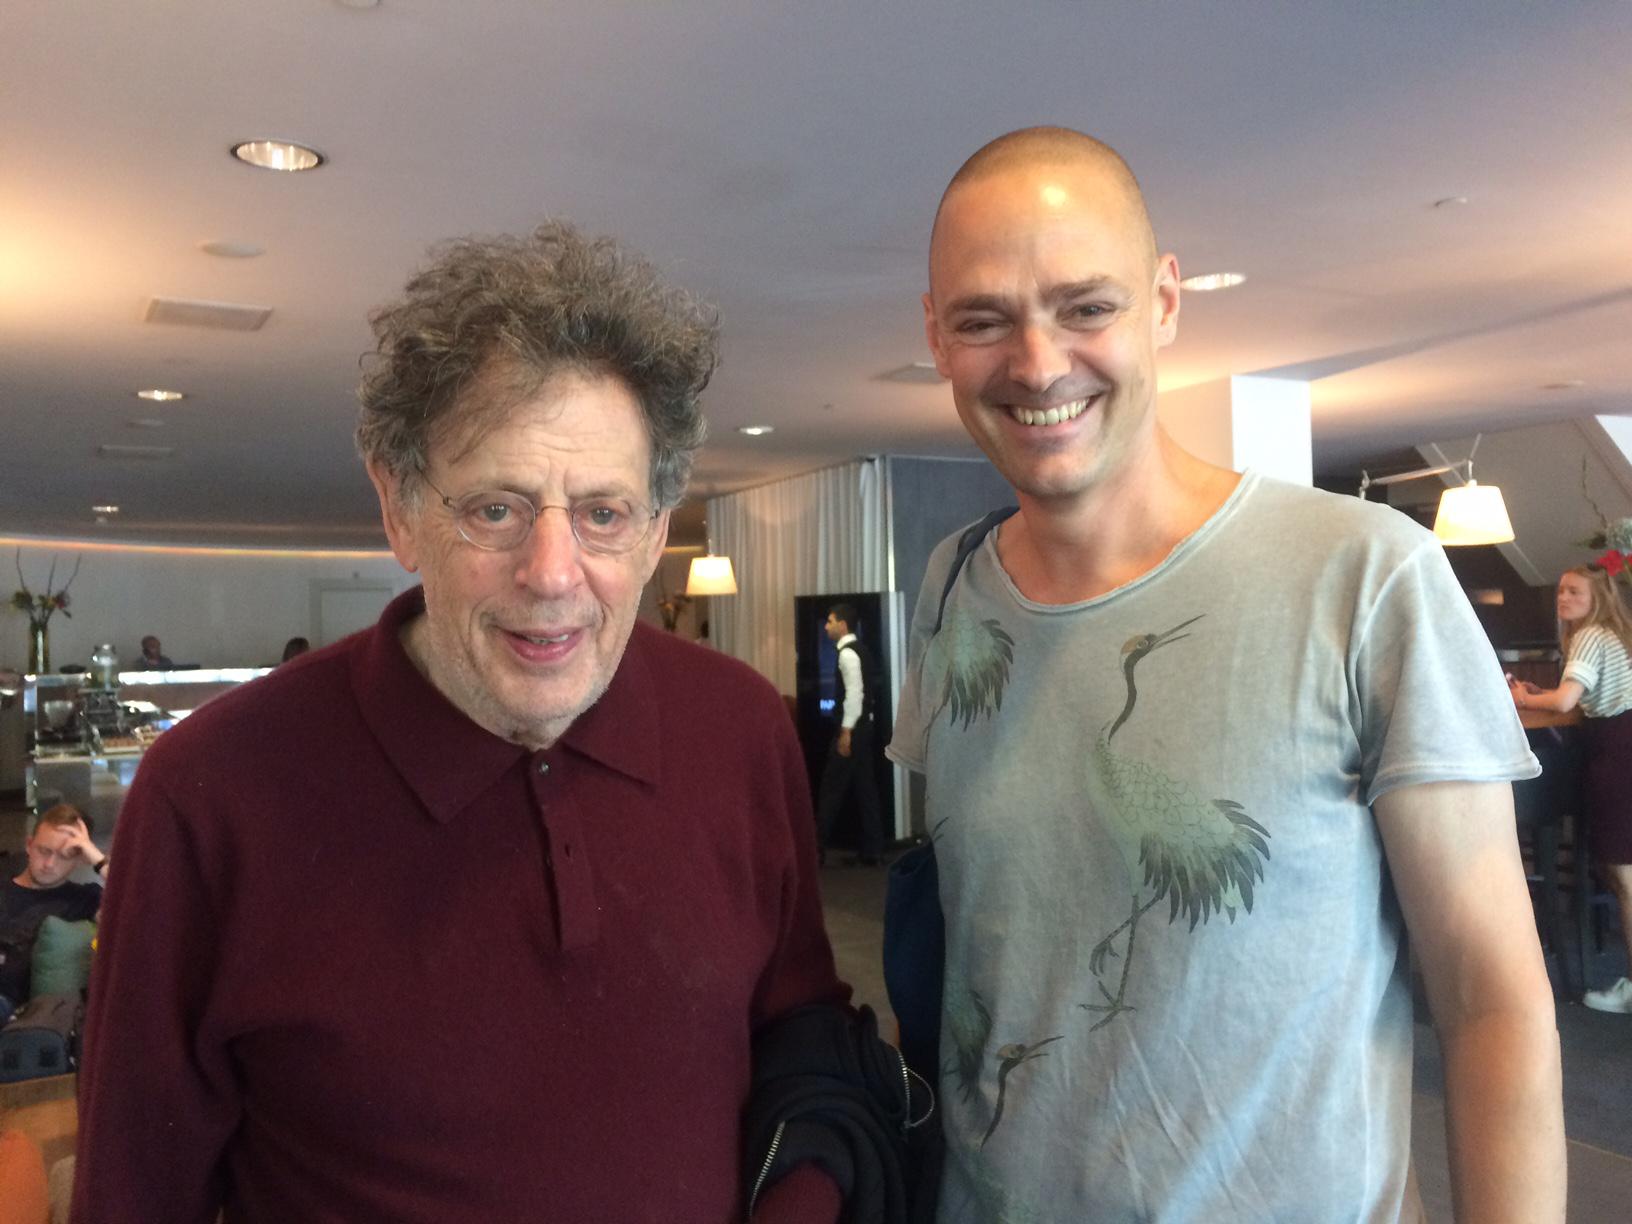 Componist Philip Glass: Koyaanisqatsi kan de tand des tijds prima doorstaan